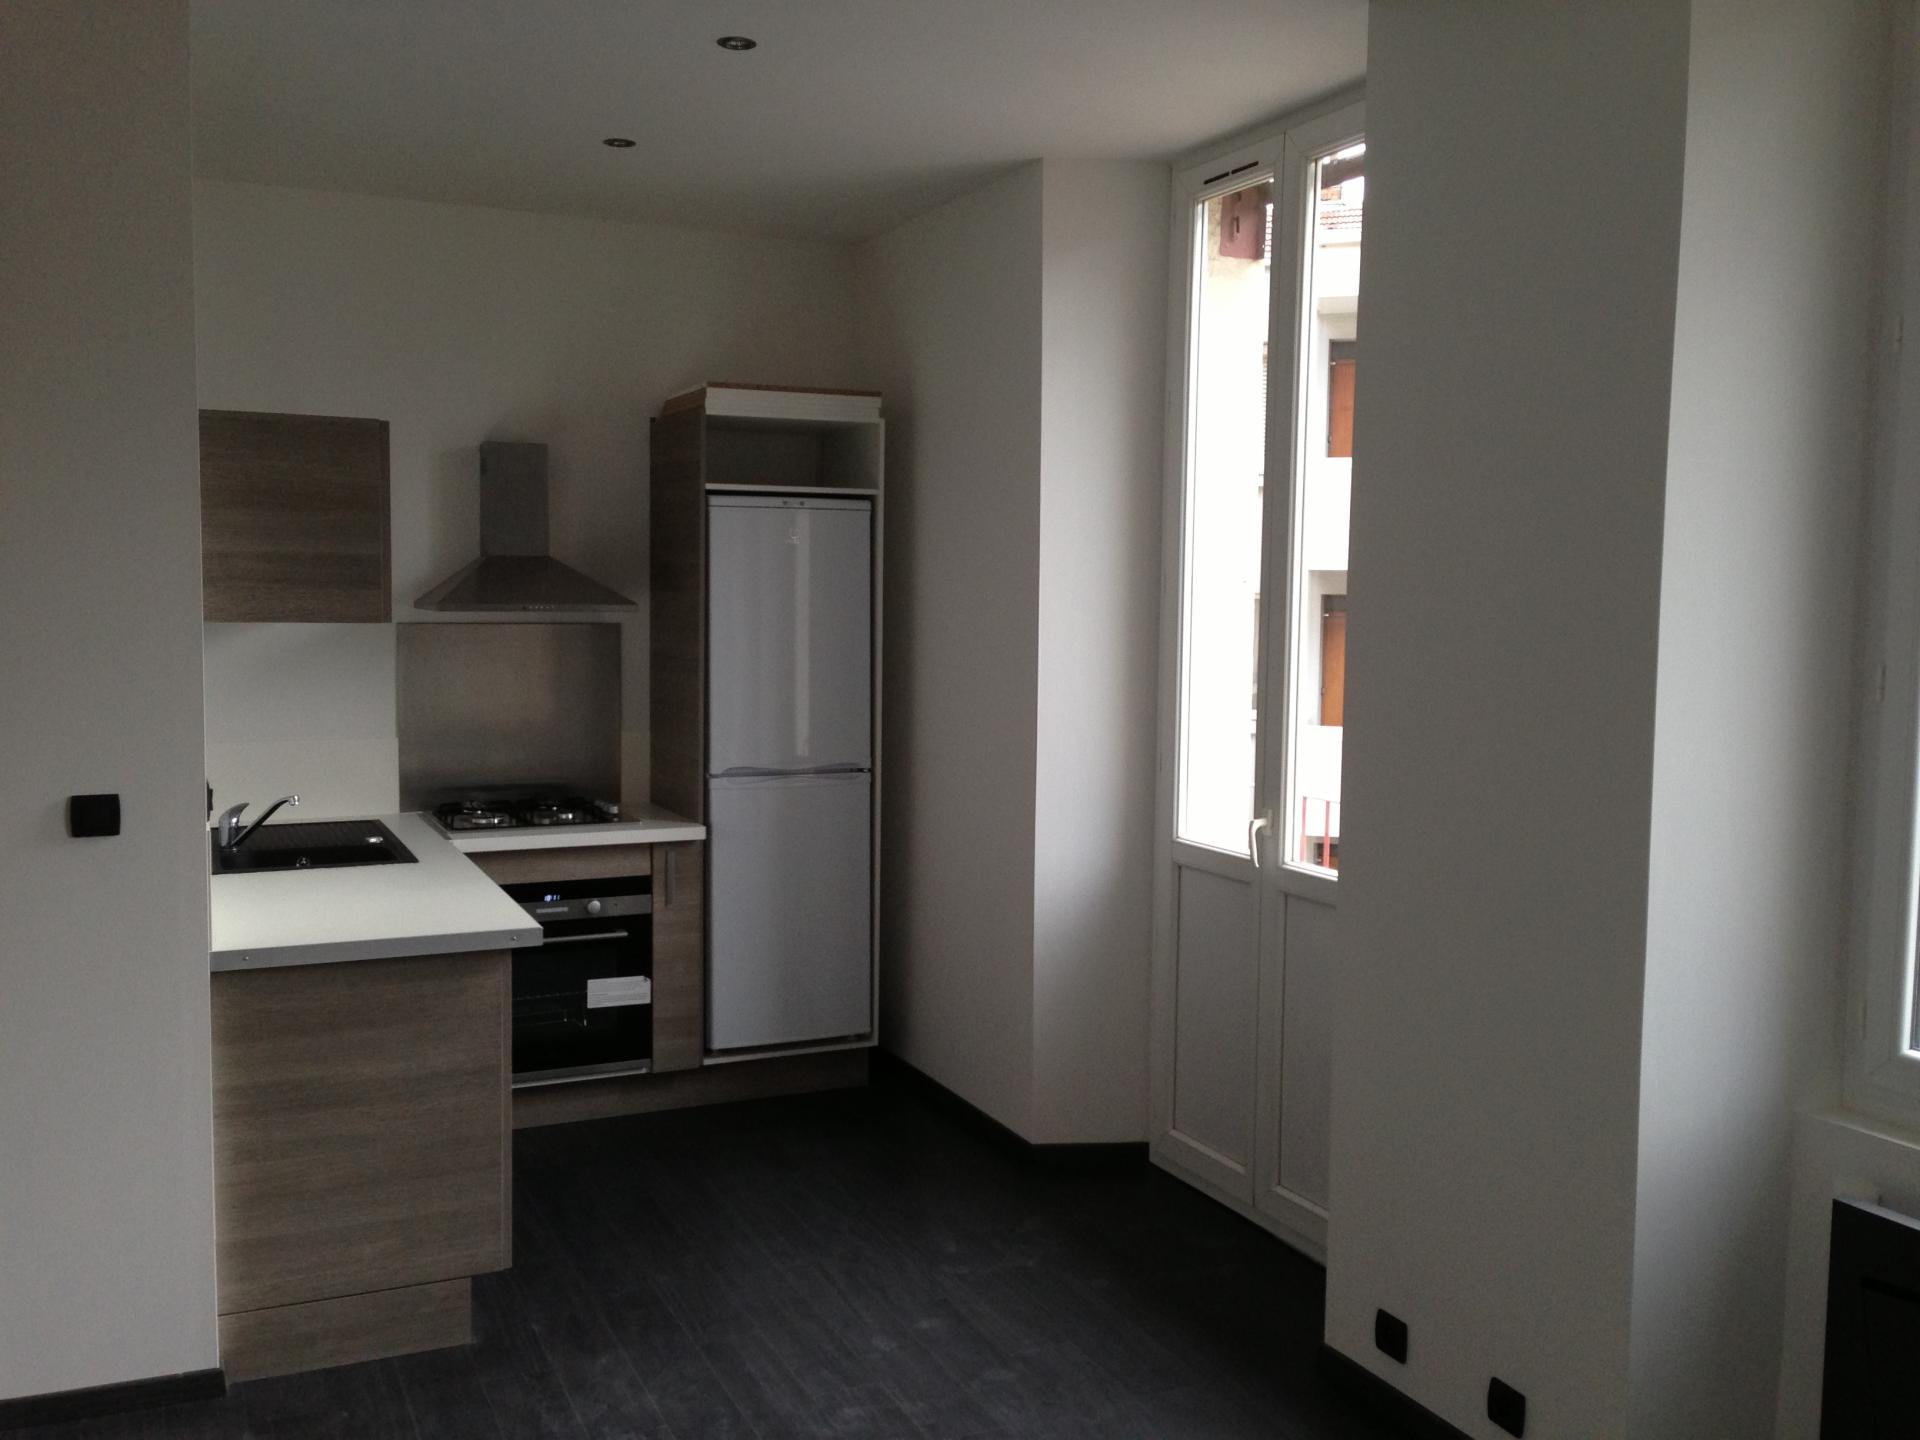 Ce qu'il faut faire avant de chercher un appartement en location à Grenoble